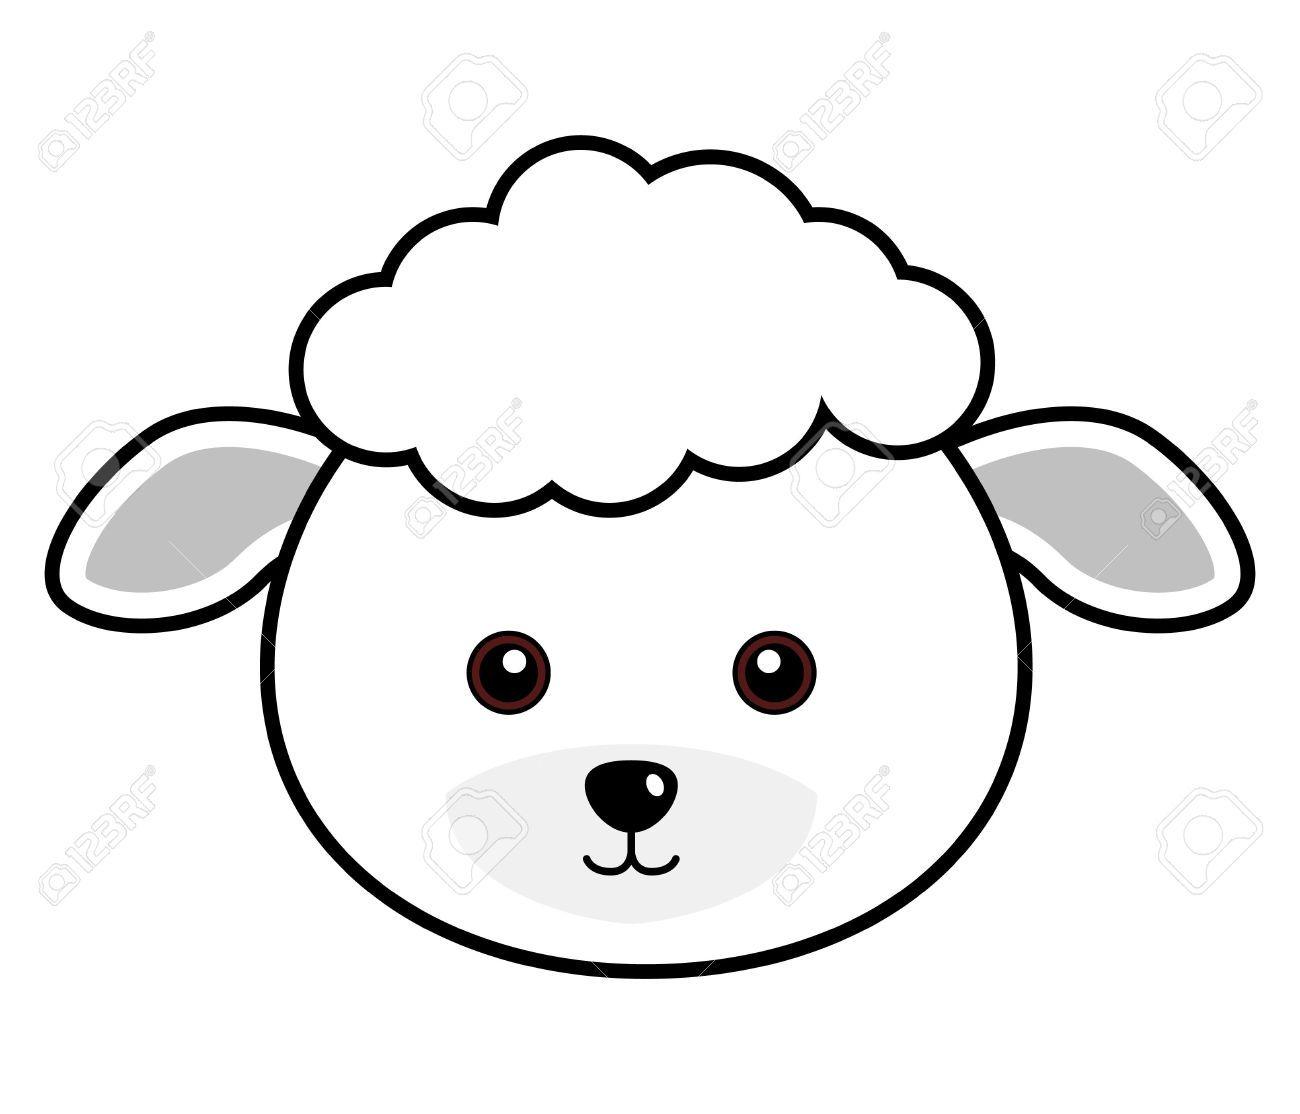 Sheep Faces Cute 3 Image By Sheep Sheep Face Cute Sheep Sheep